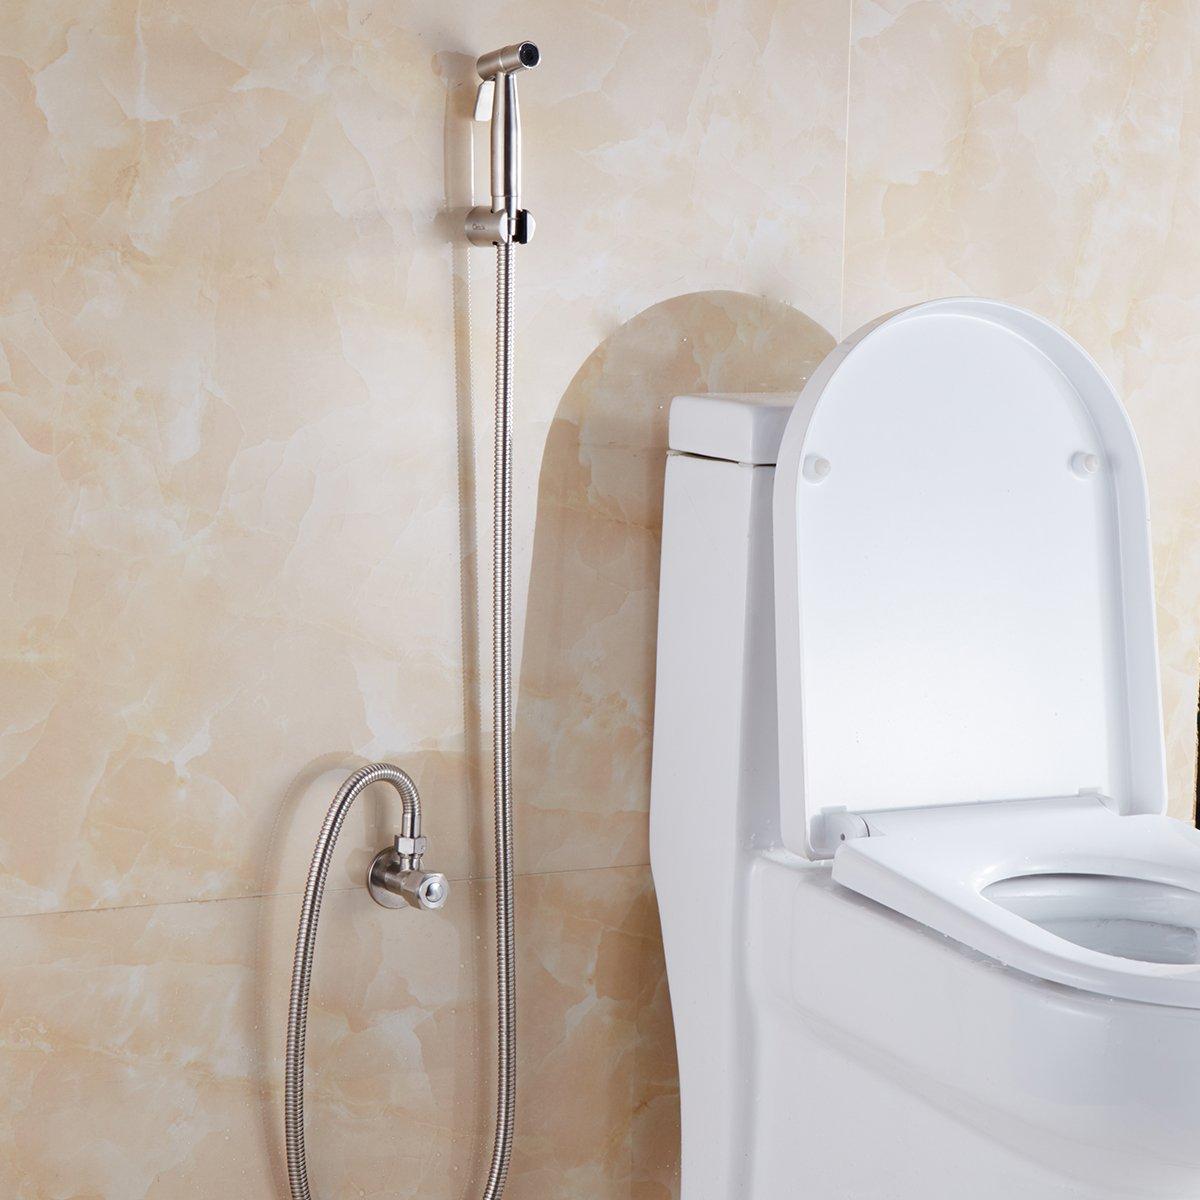 Set completo per bidet da toilette spruzzatore per bidet a mano per WC WS024AF6 Spruzzatore a mano in acciaio inox CIENCIA Spruzzatore in acciaio inossidabile Premium Shattaf